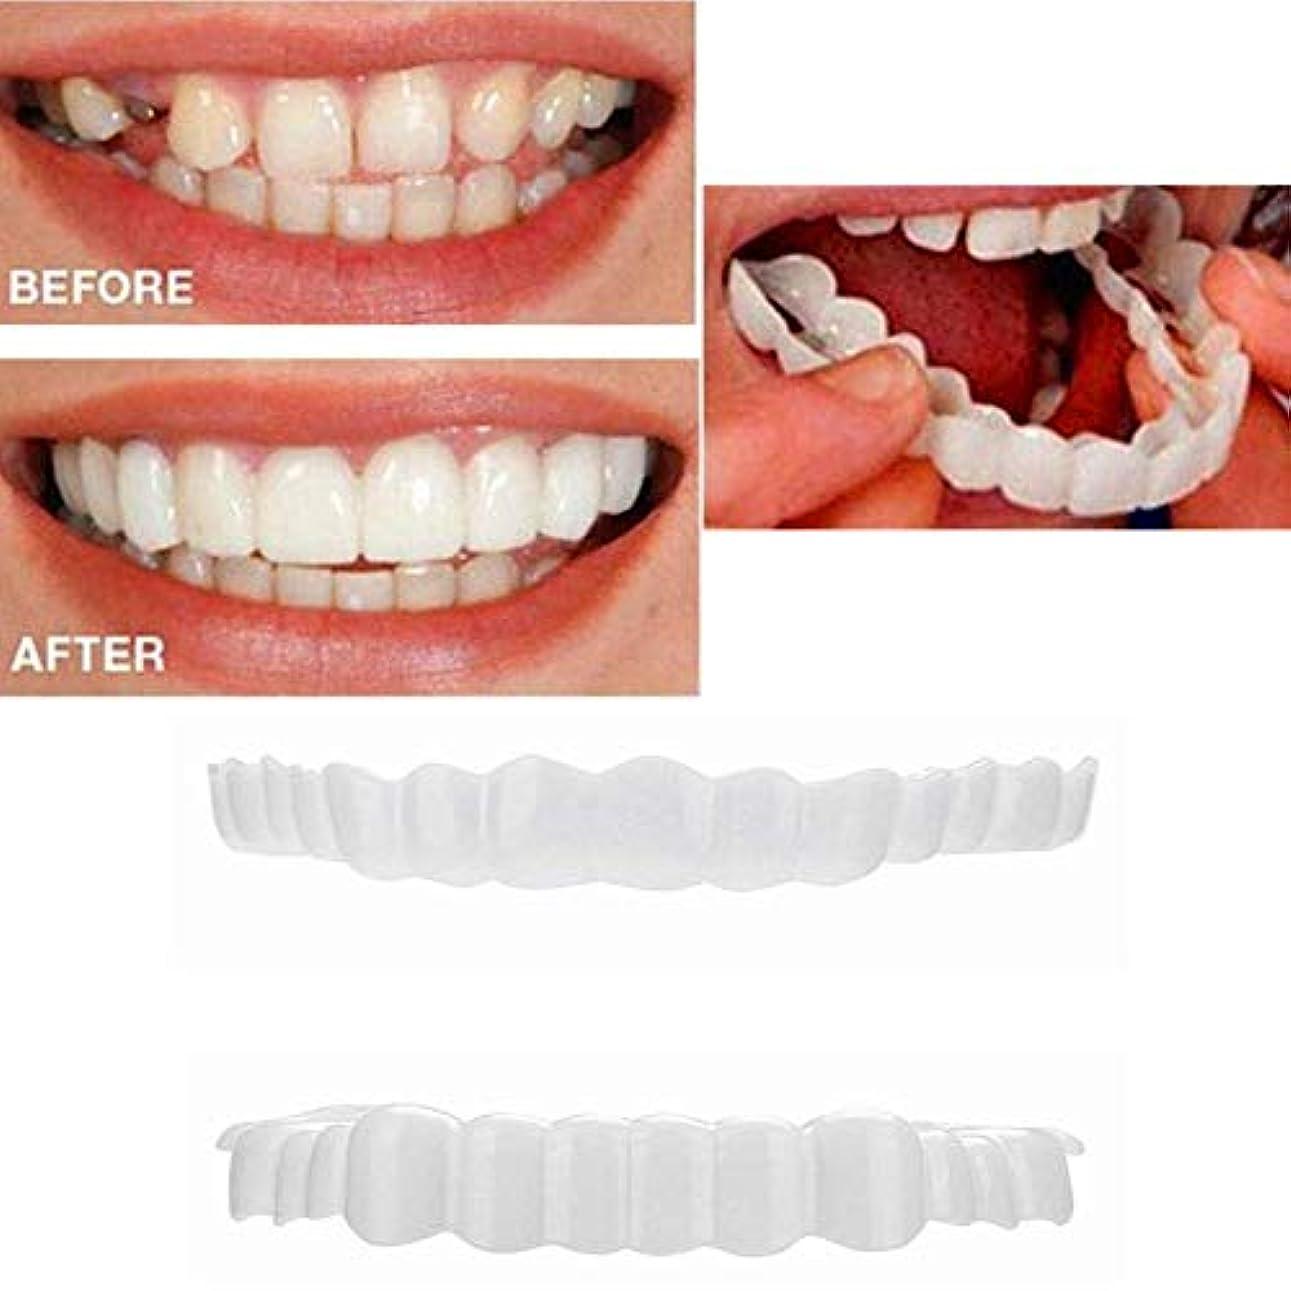 倫理受け入れる黒最新の化粧板の歯、化粧品の歯3組 - 一時的な笑顔の快適さフィットフレックス化粧品の歯、ワンサイズ、スーペリアーとローワーコンフォートベニア - (Lower + Upper)